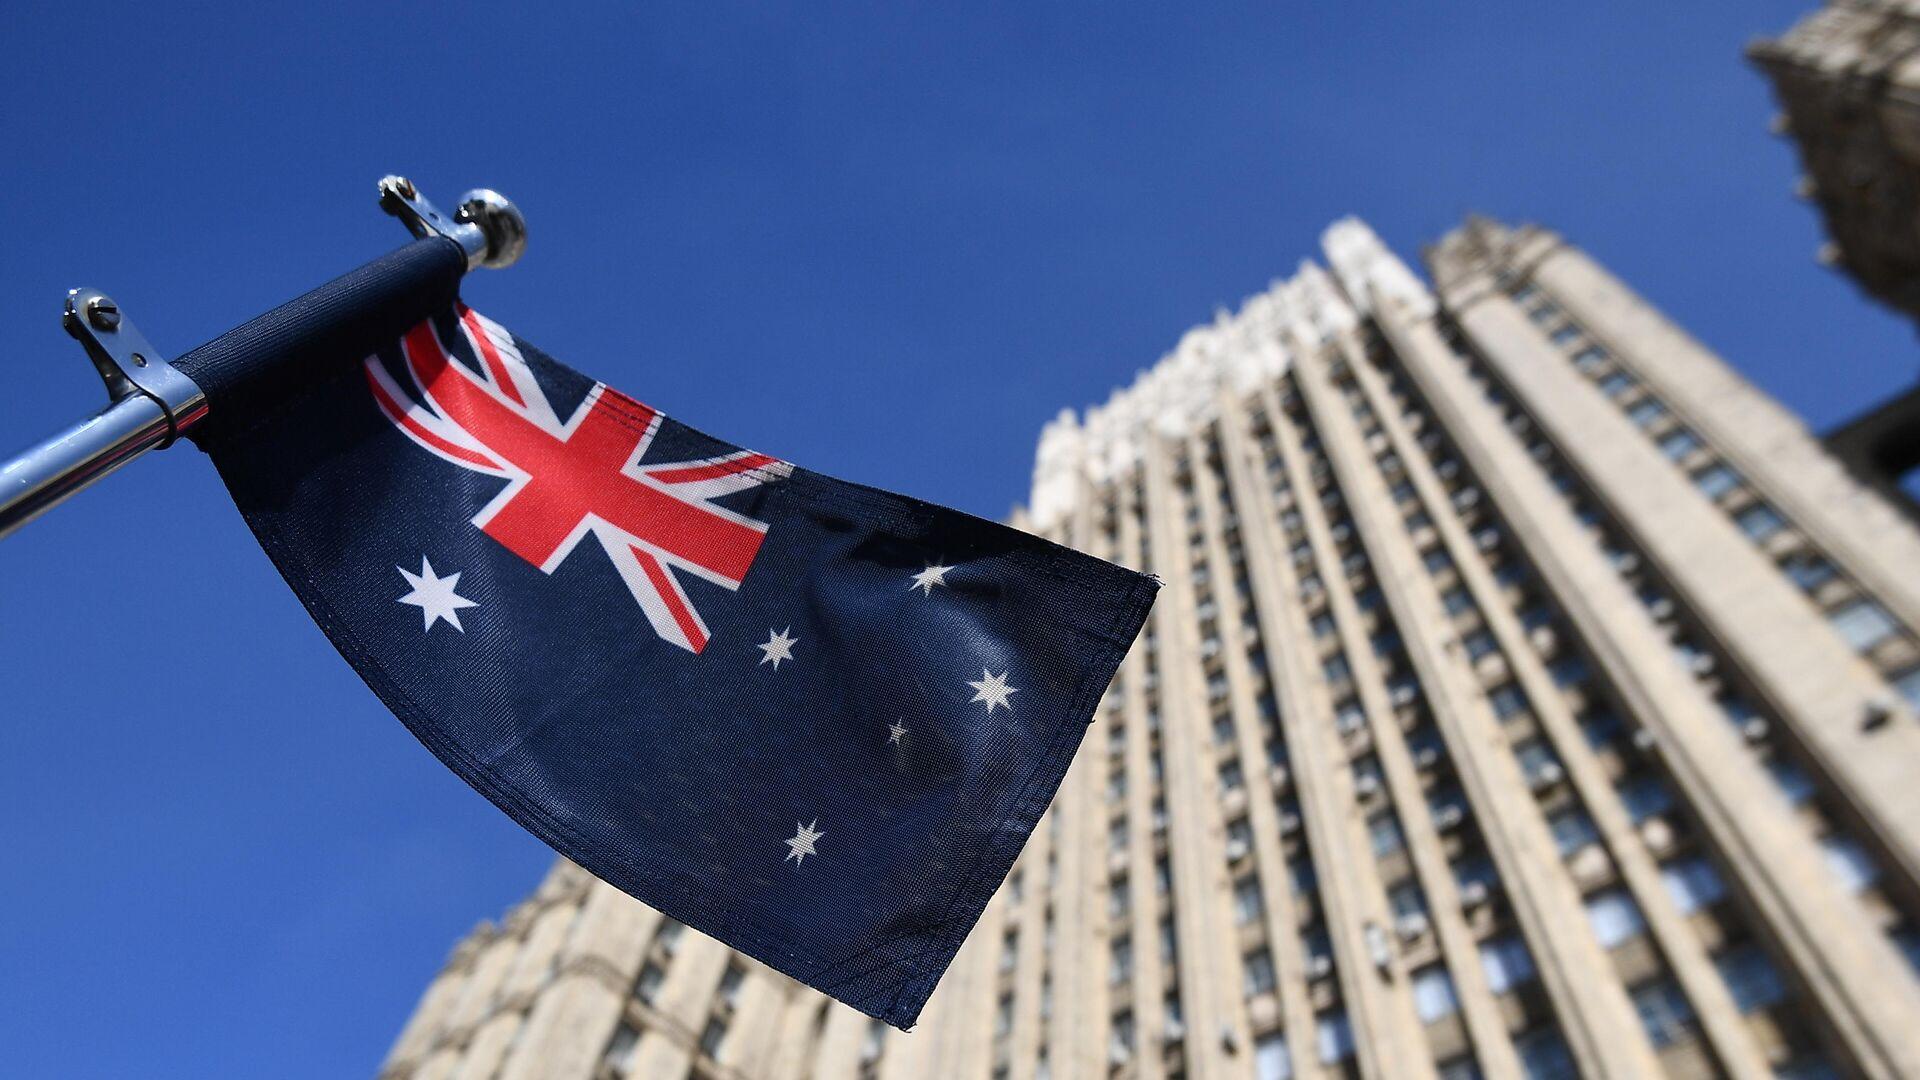 Государственный флаг Австралии у здания министерства иностранных дел РФ - РИА Новости, 1920, 12.05.2021